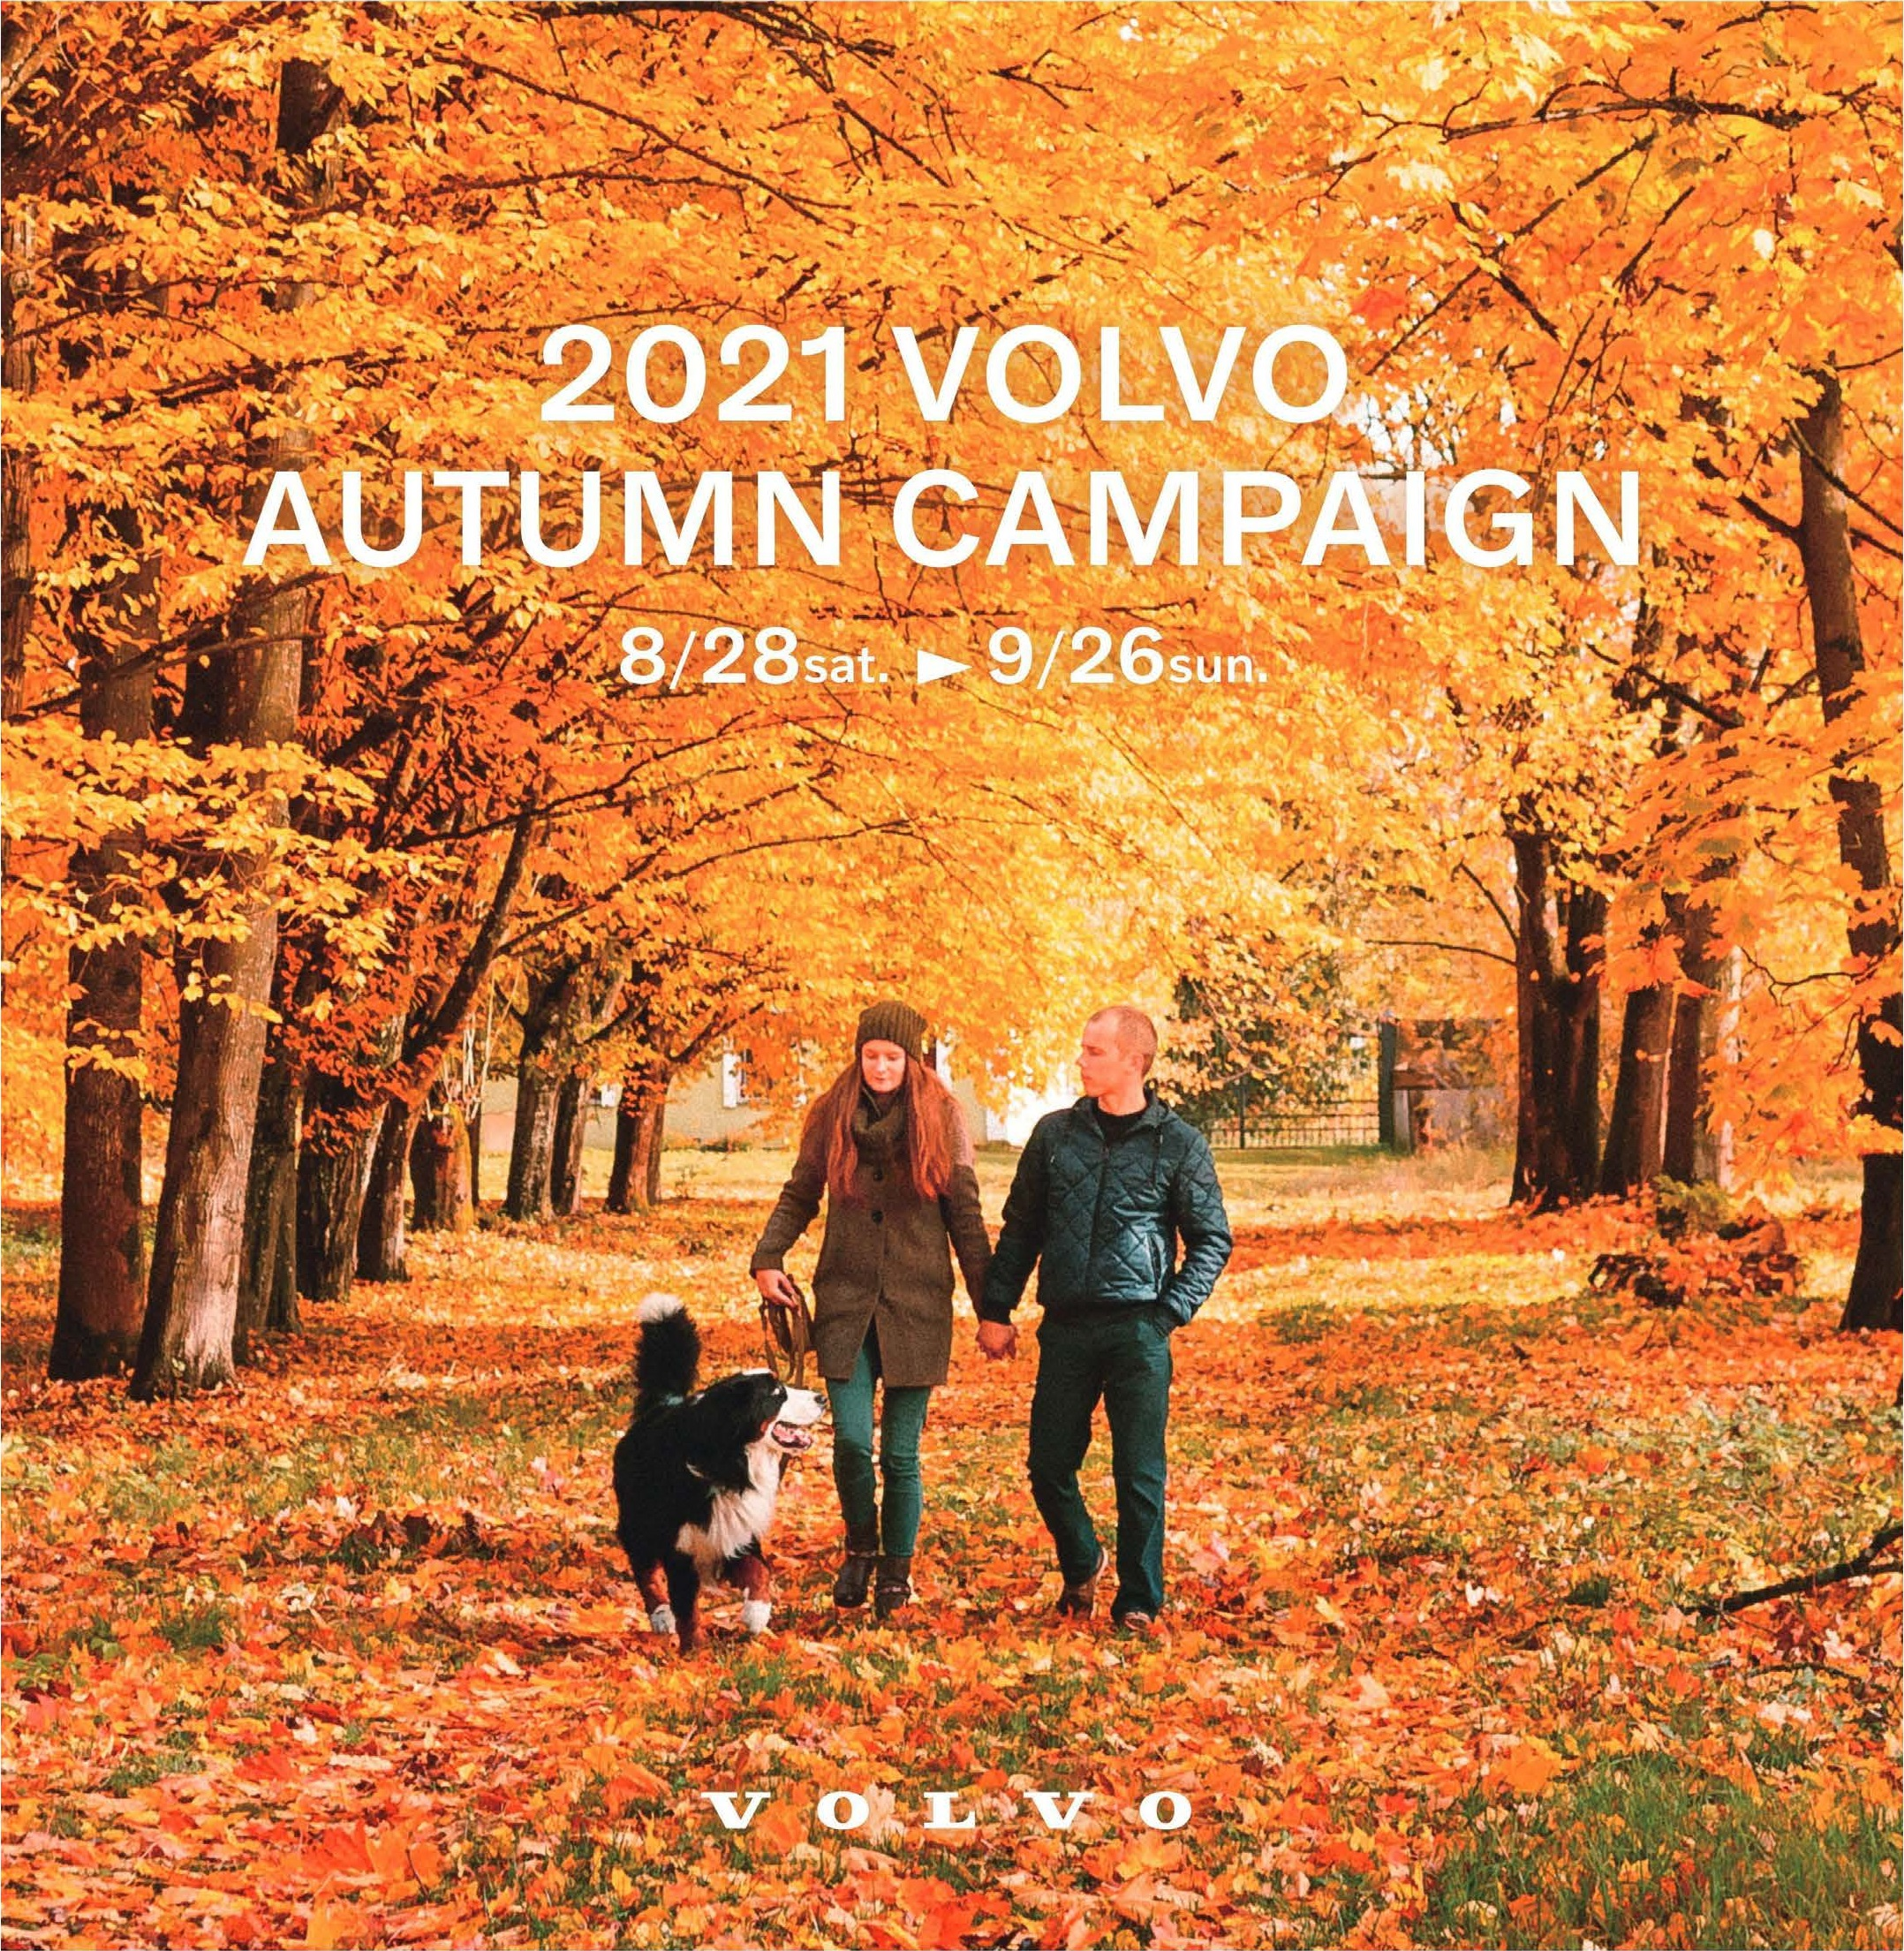 2021 VOLVO AUTUMN CAMPAIGN